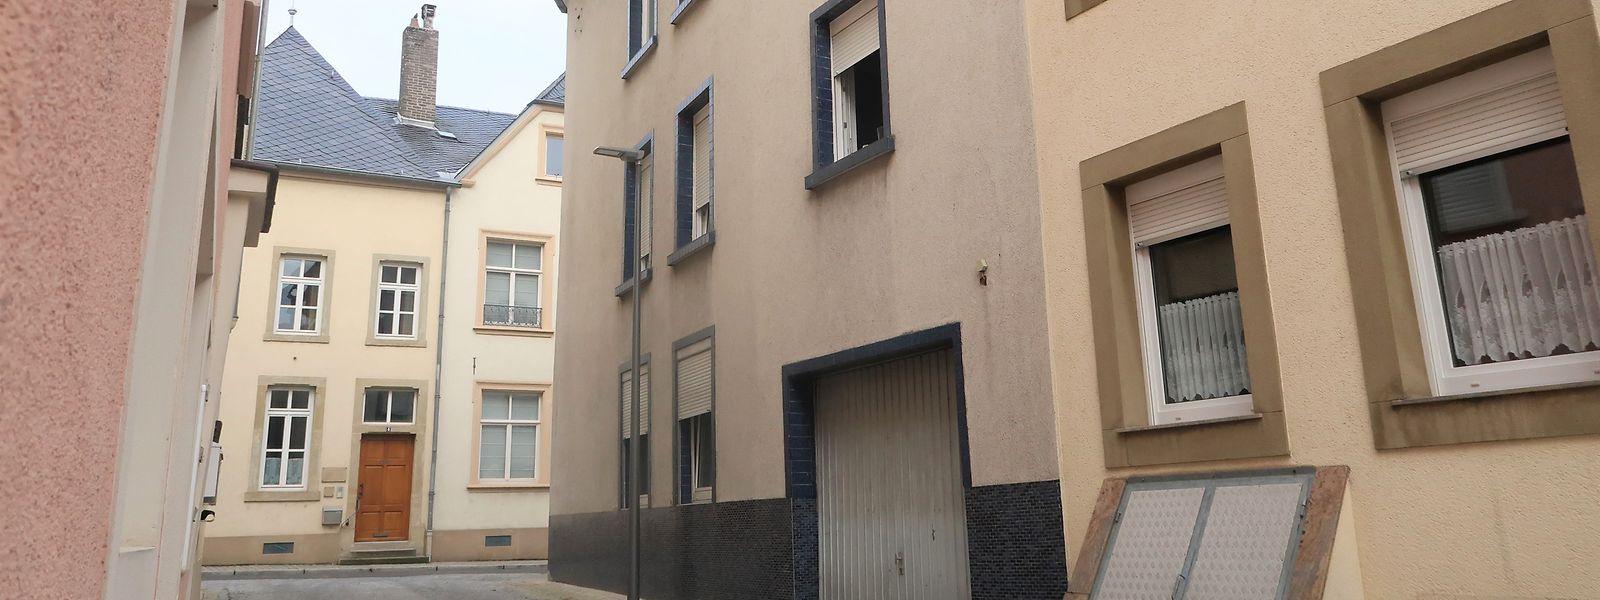 Das betroffene Mehrfamilienhaus (Bildmitte) steht im historischen Ortskern von Grevenmacher.